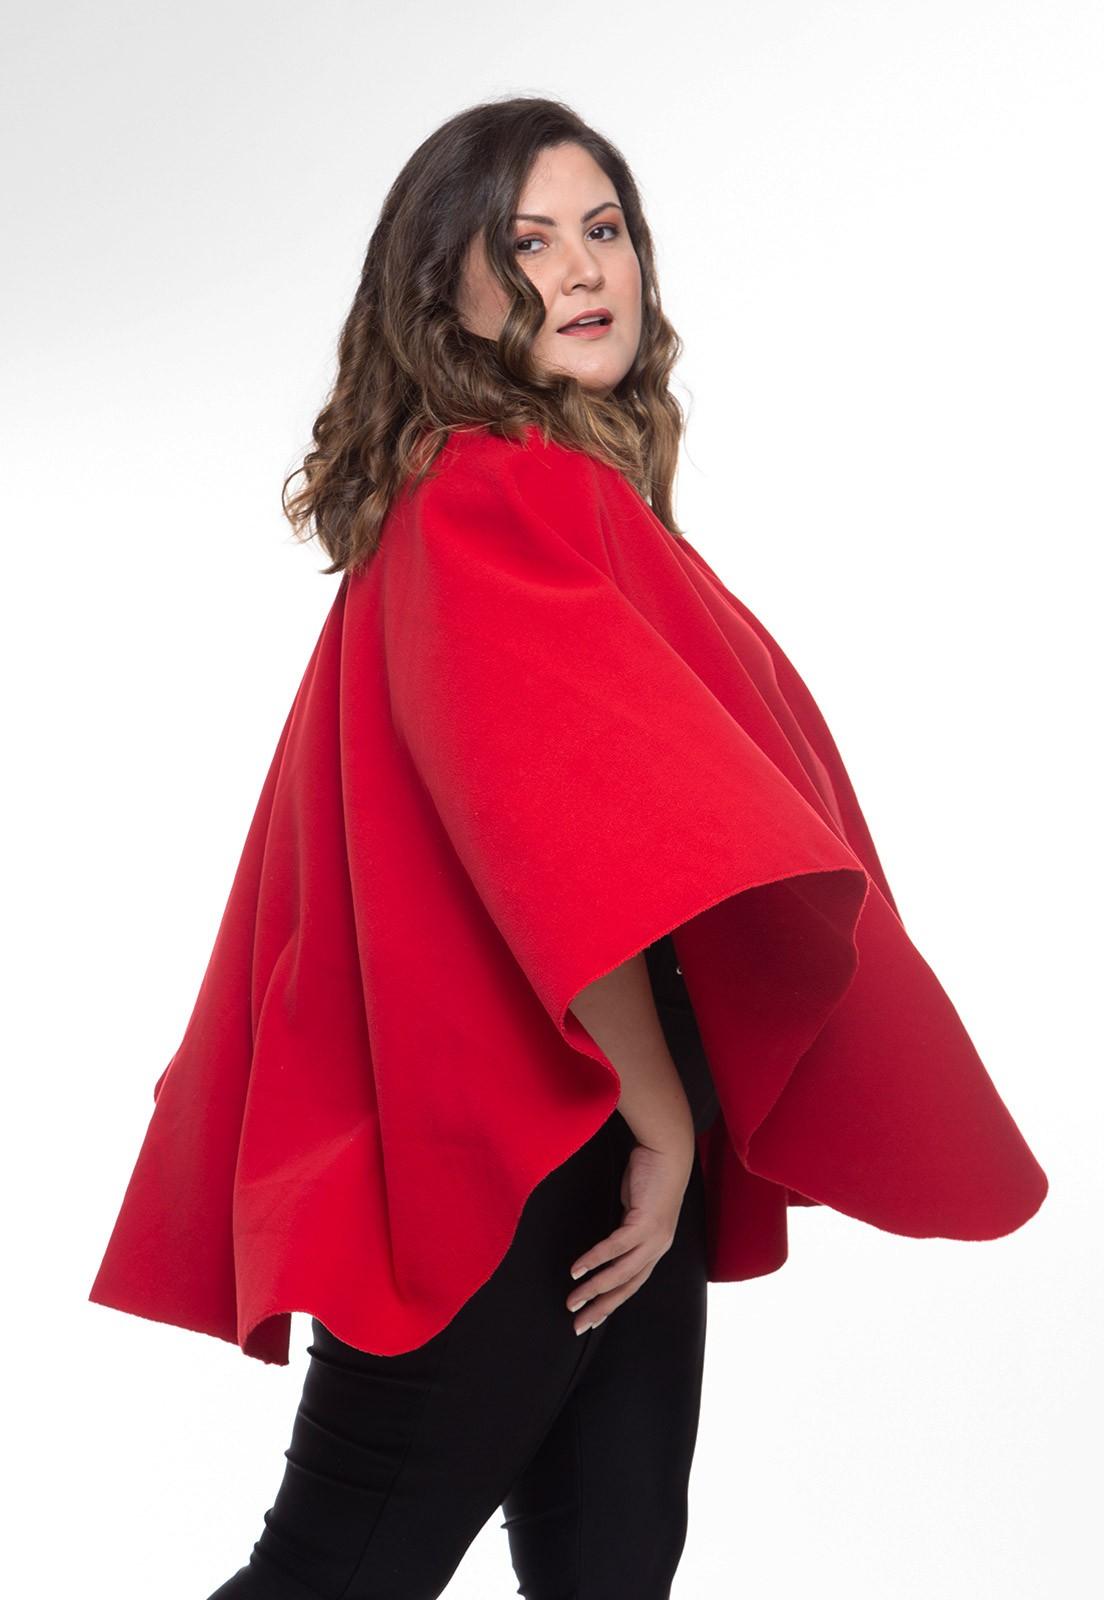 Pelerine em soft vermelho